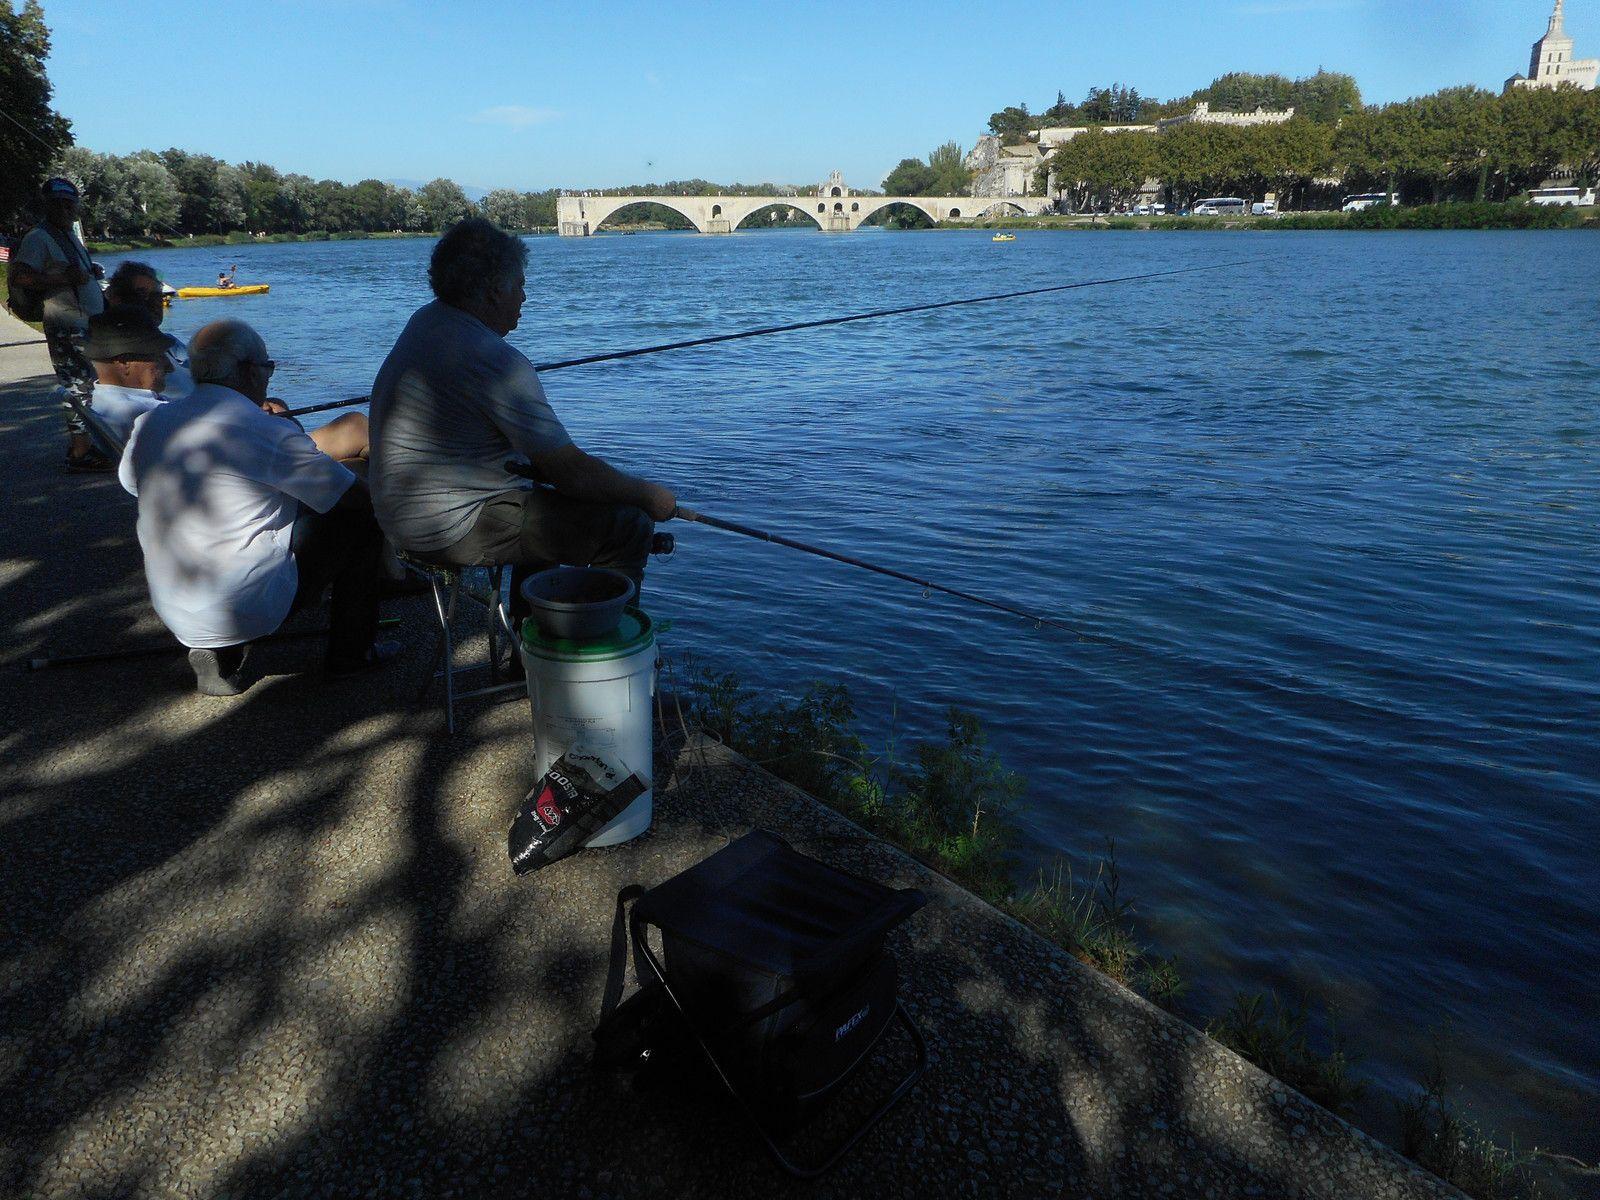 Samedi, entre 3 gouttes de pluie, un petit tour sur les bords du Rhône, sur les traces du LAPIN